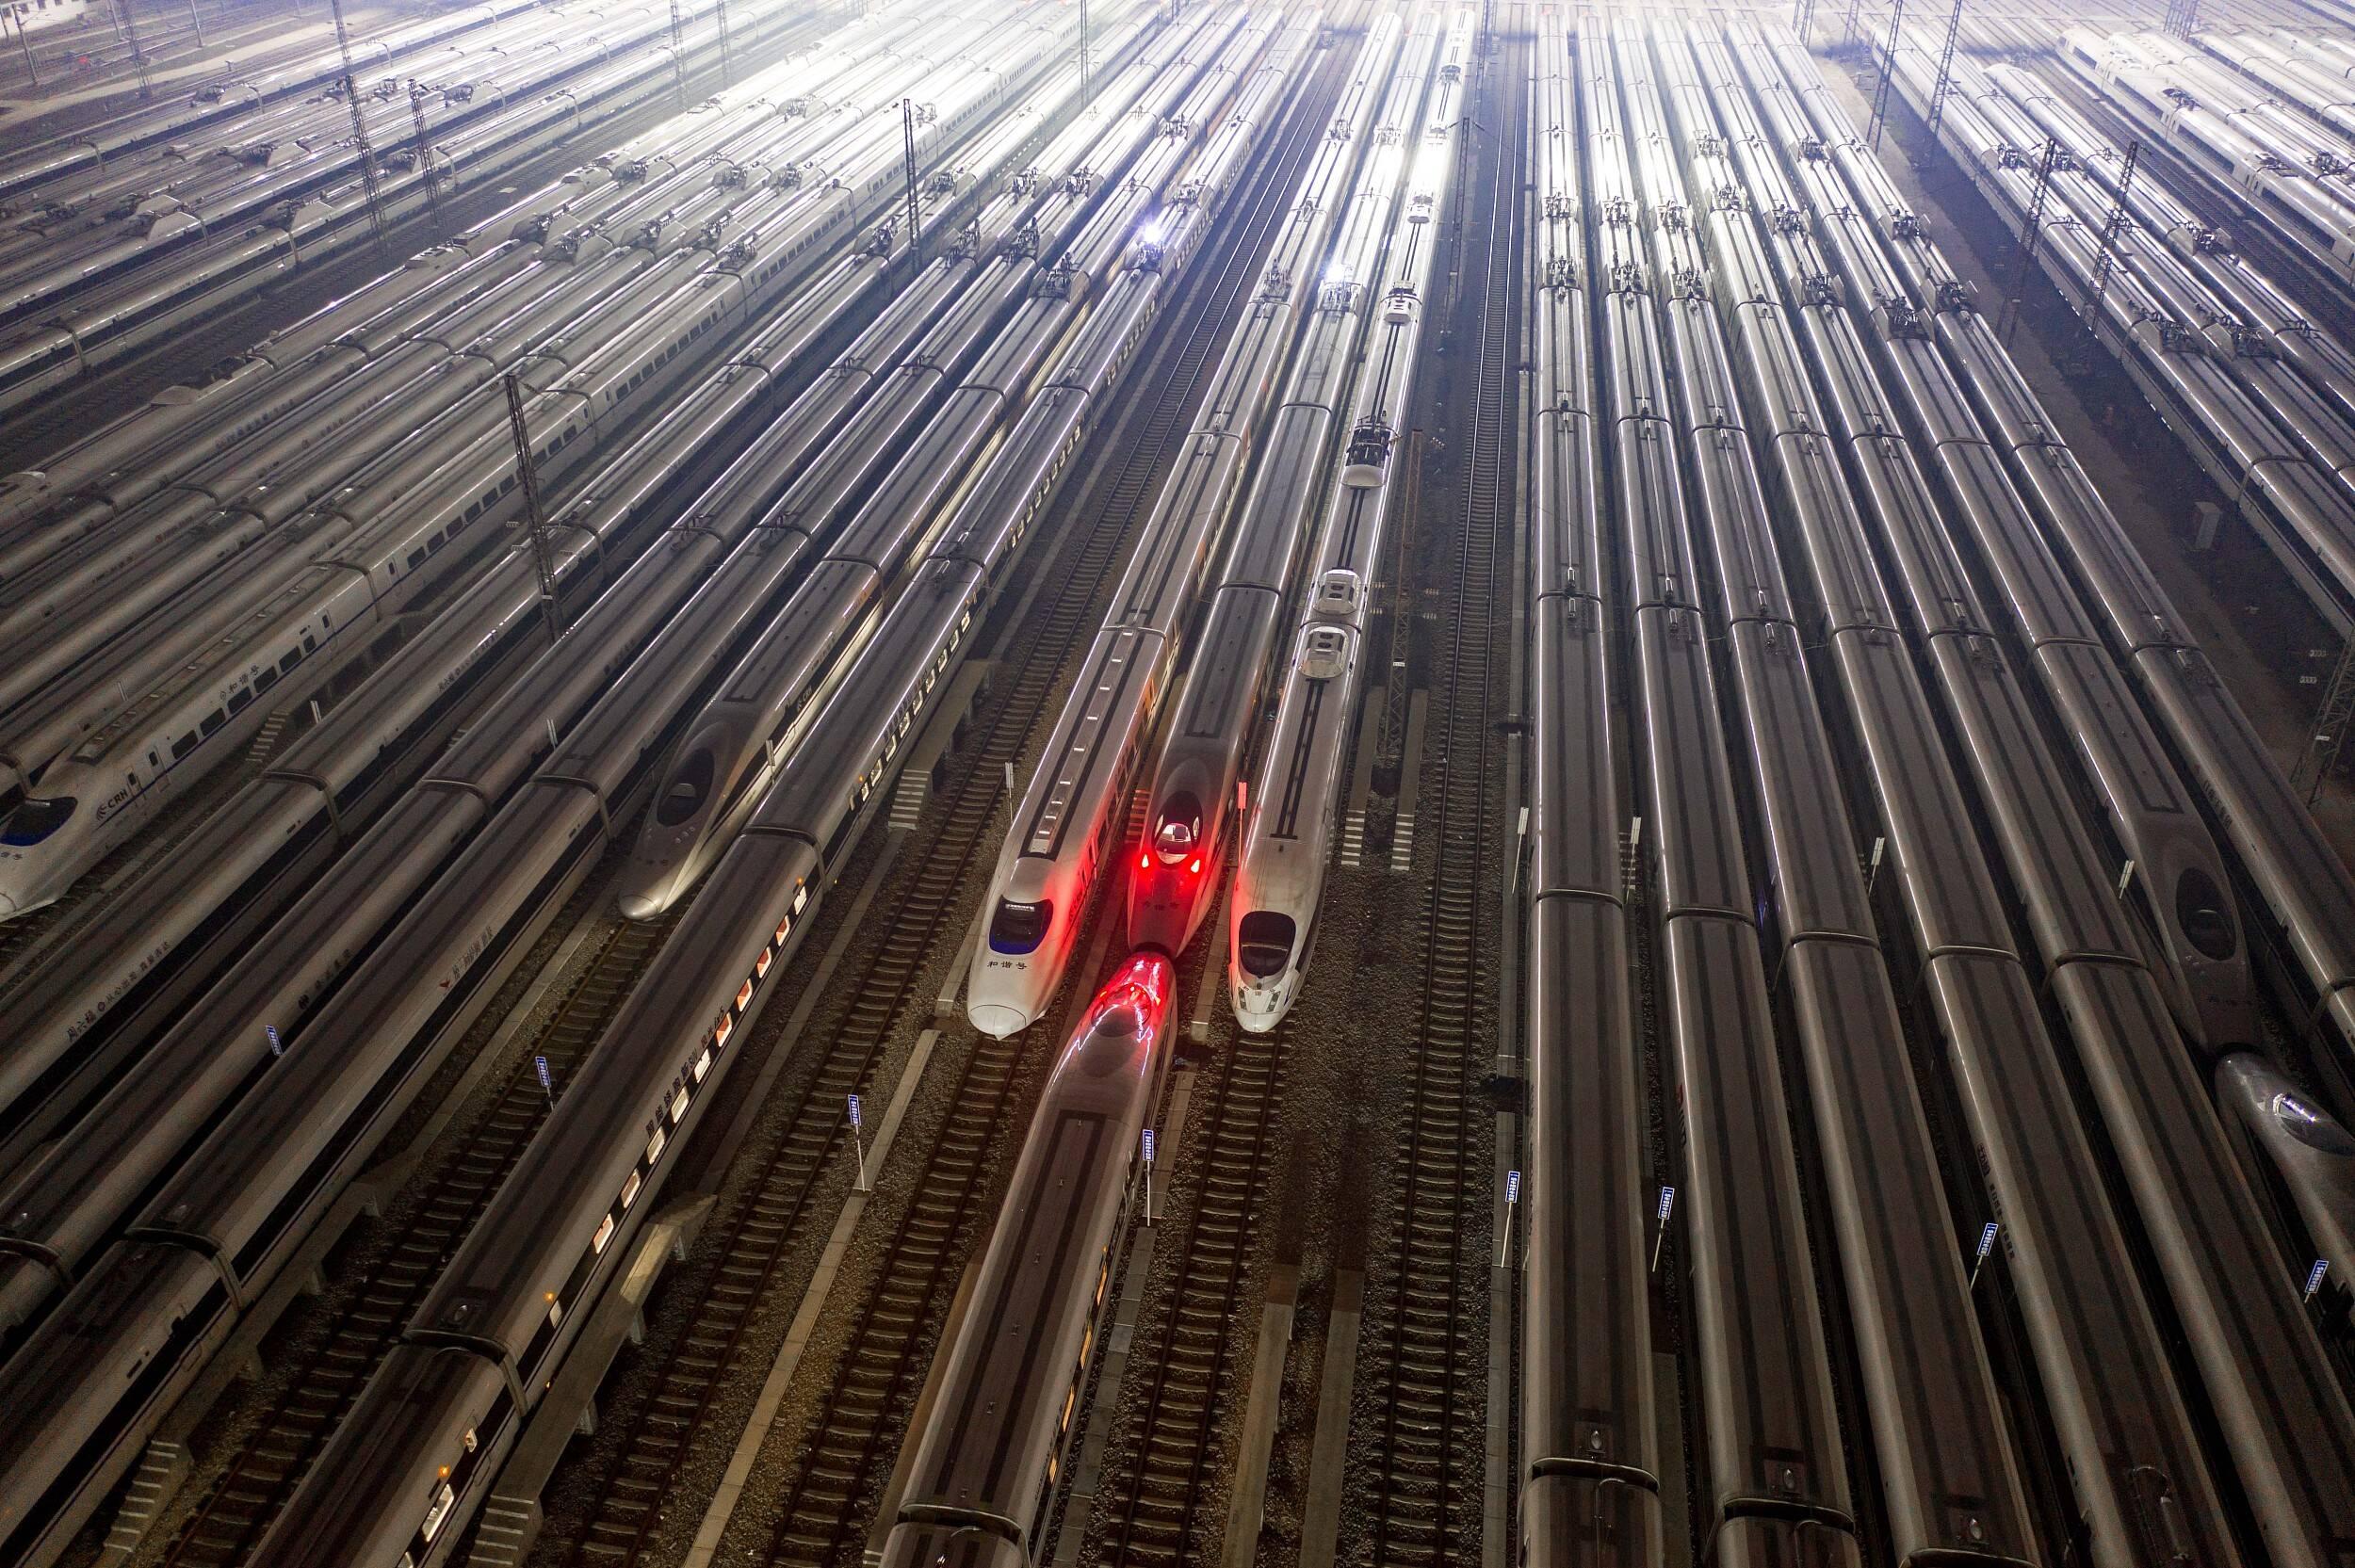 闪电评论丨高铁发展提速换挡 为交通强国绘制壮美蓝图